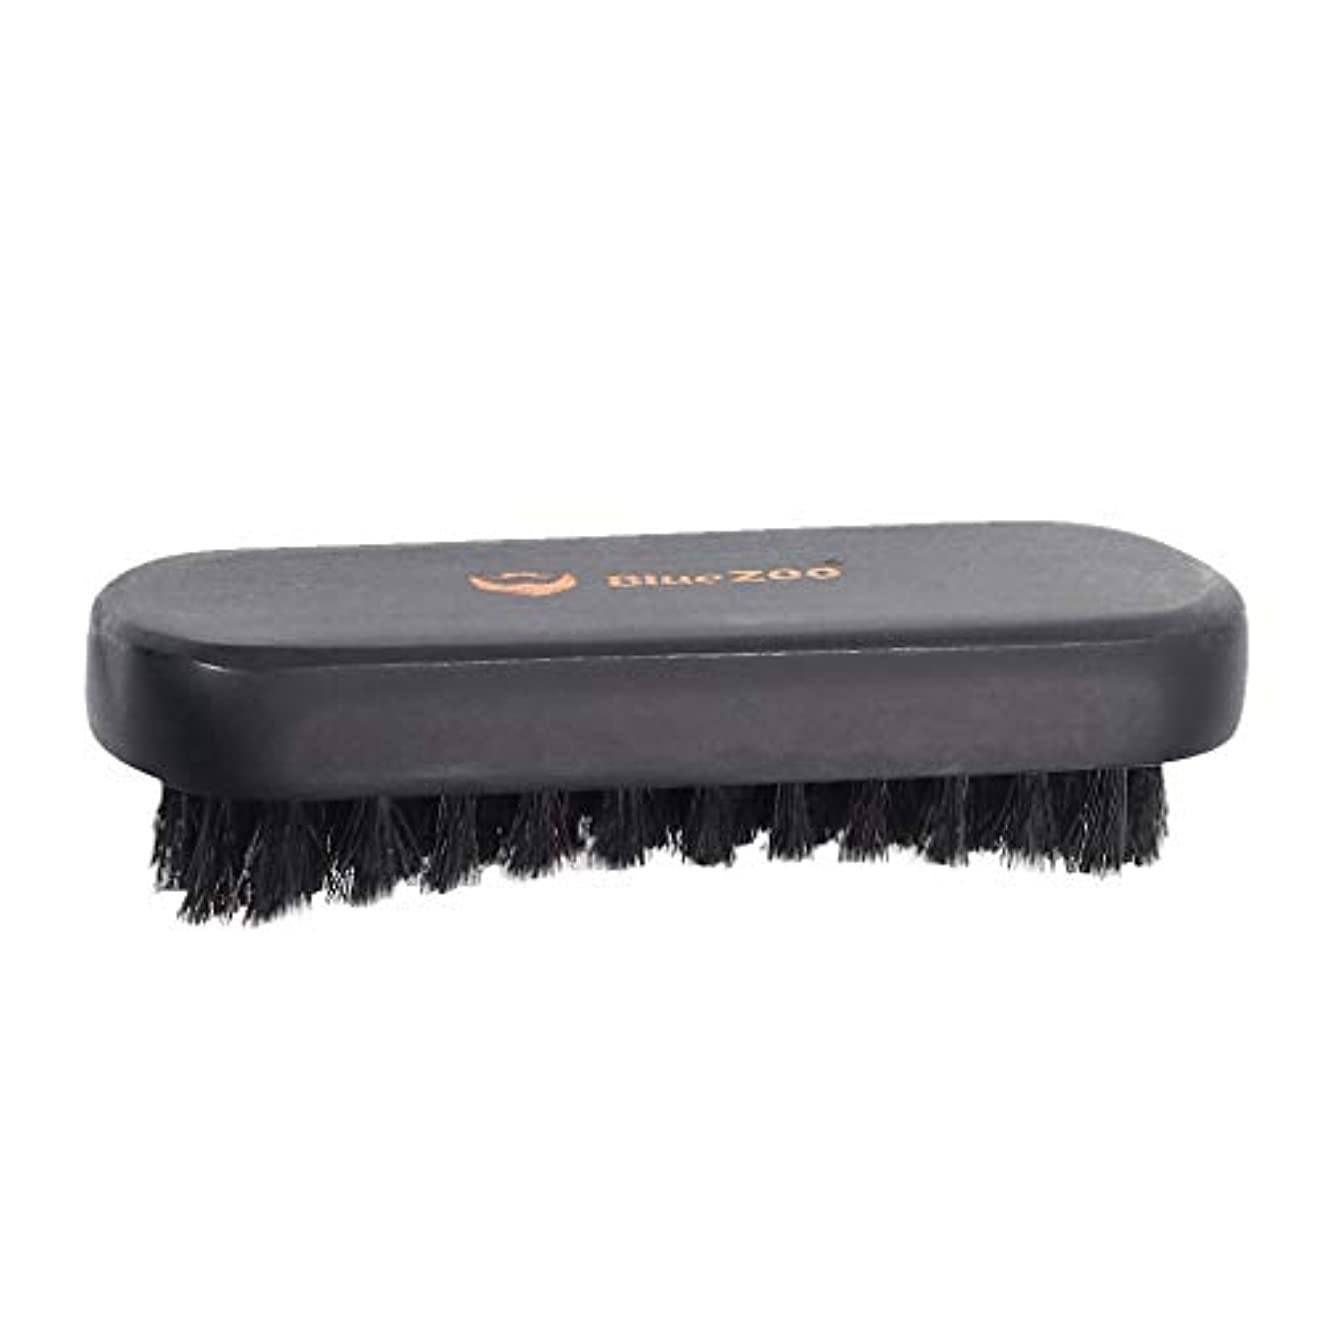 輝度暖かさアスリートPerfeclan 多機能 髭剃り シェービング クリーニングブラシ 男性用 木製 メンズ ブラック